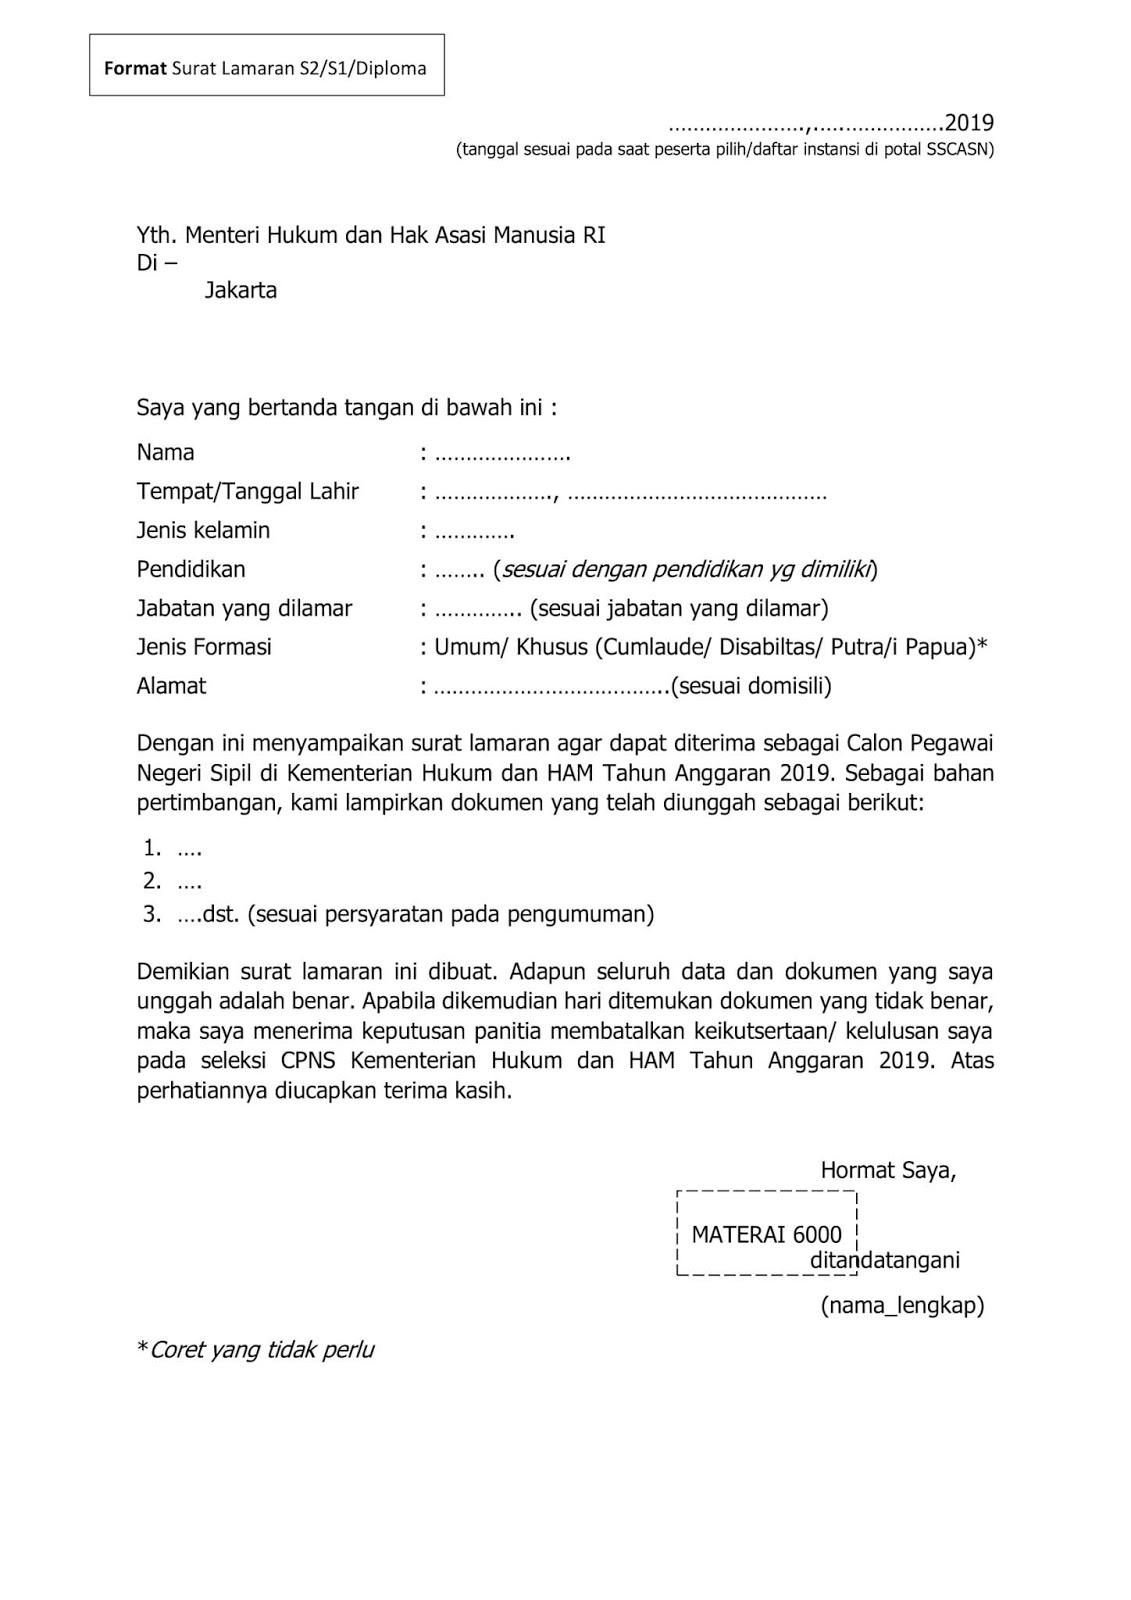 contoh lengkap surat lamaran cpns 2019 surat pernyataan